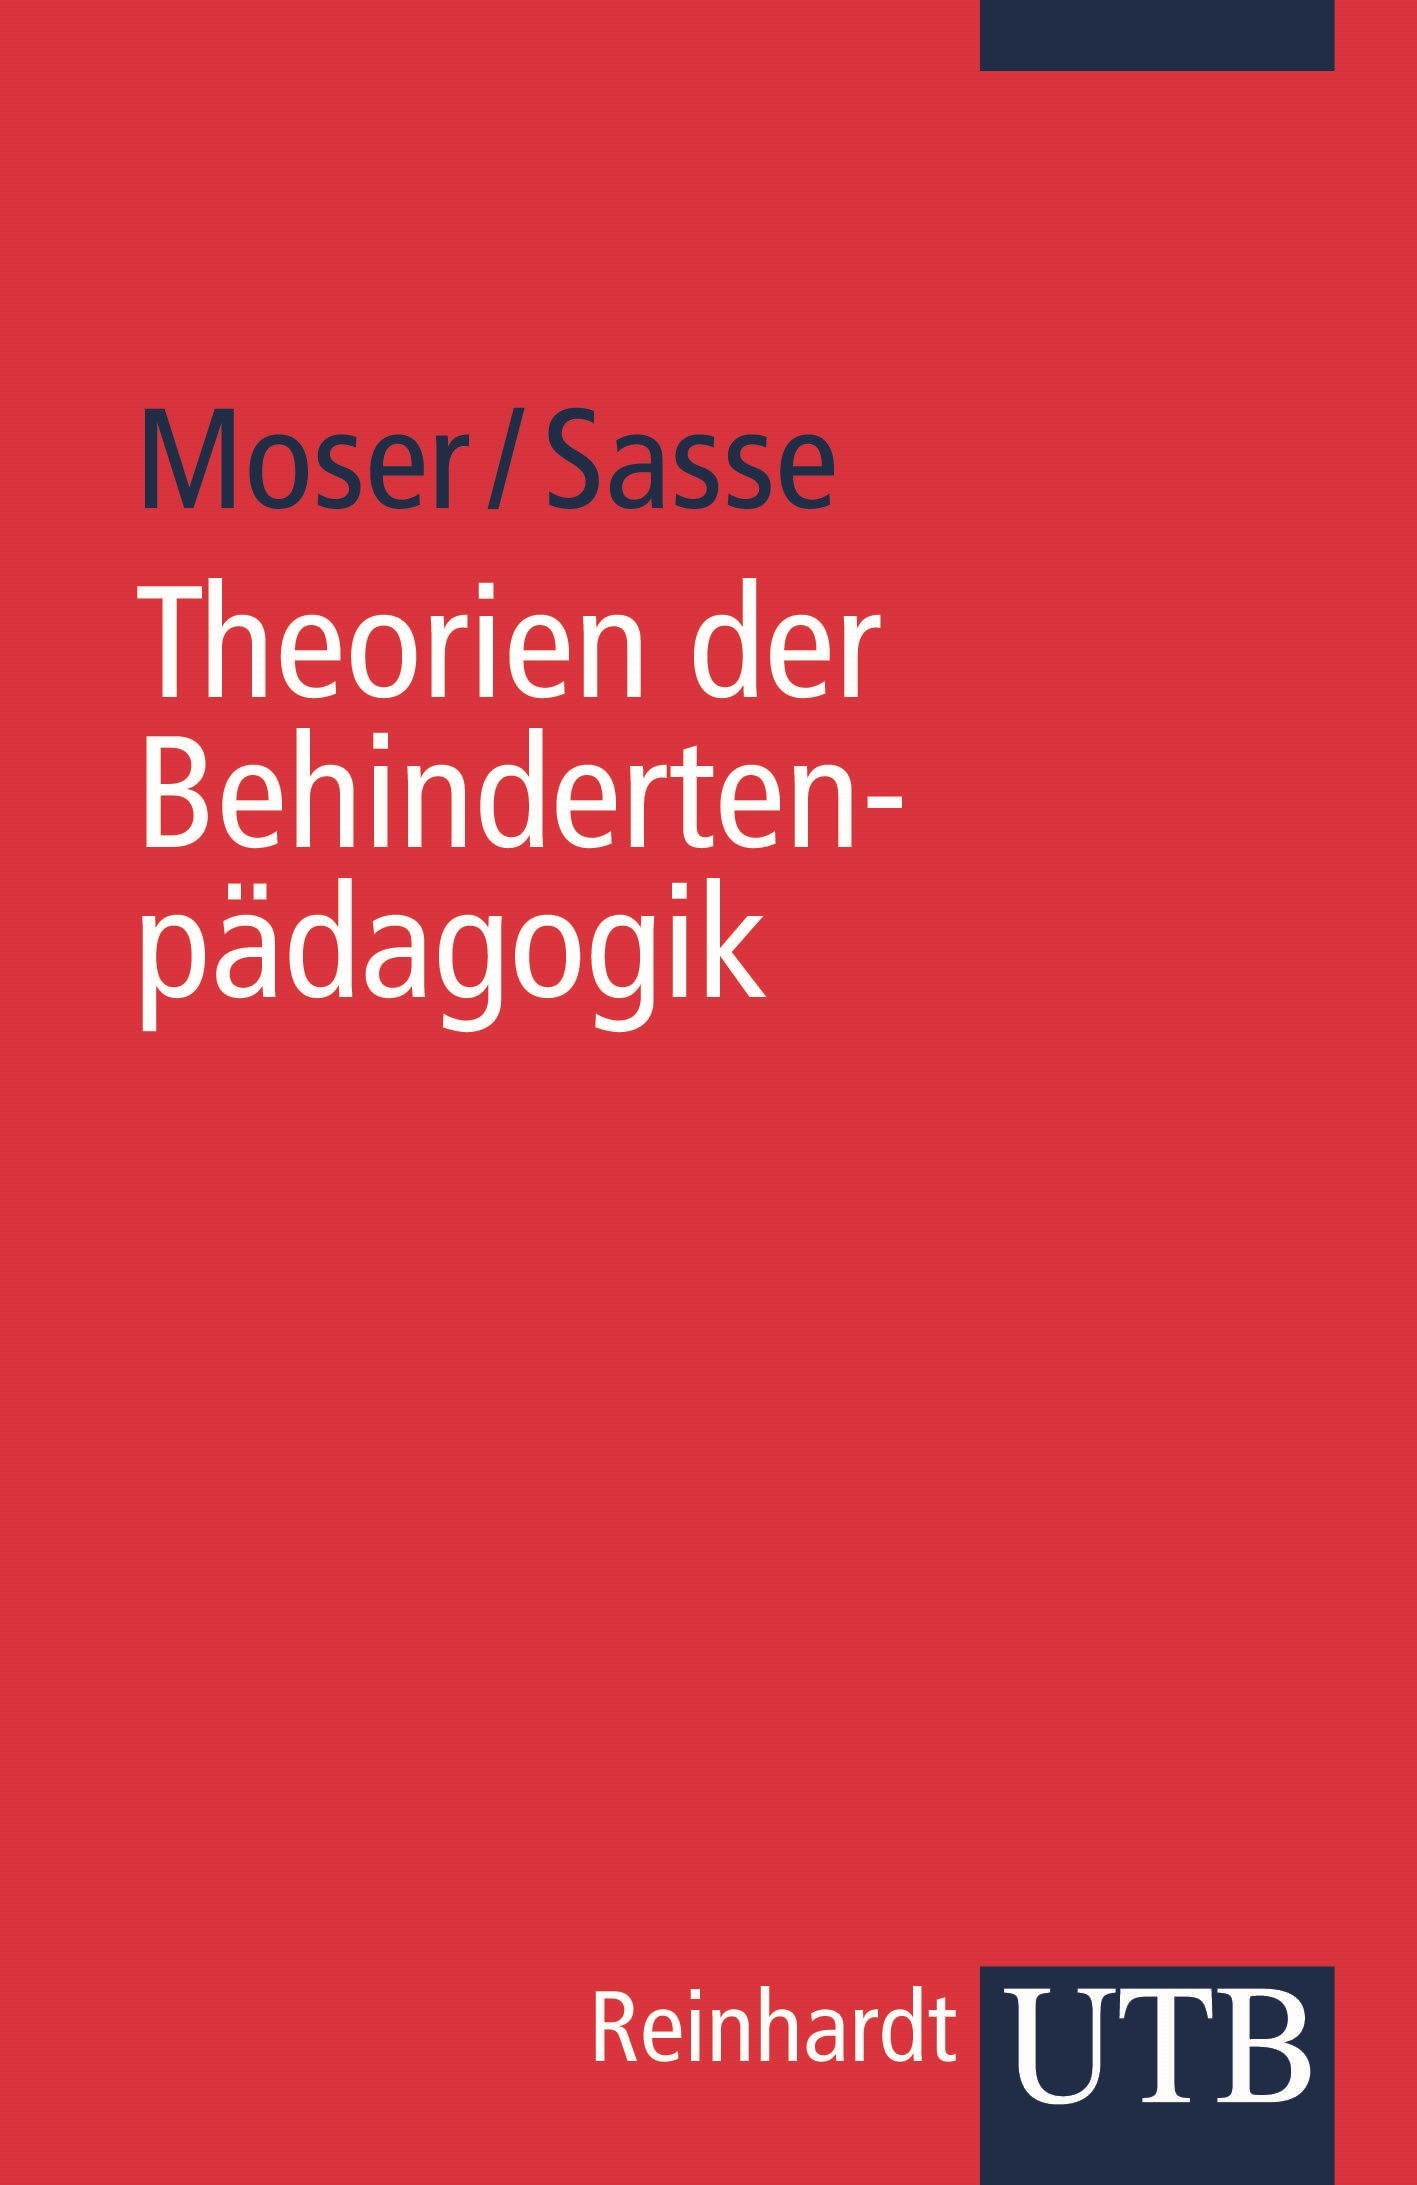 Theorien der Behindertenpädagogik | Moser / Sasse, 2008 | Buch (Cover)